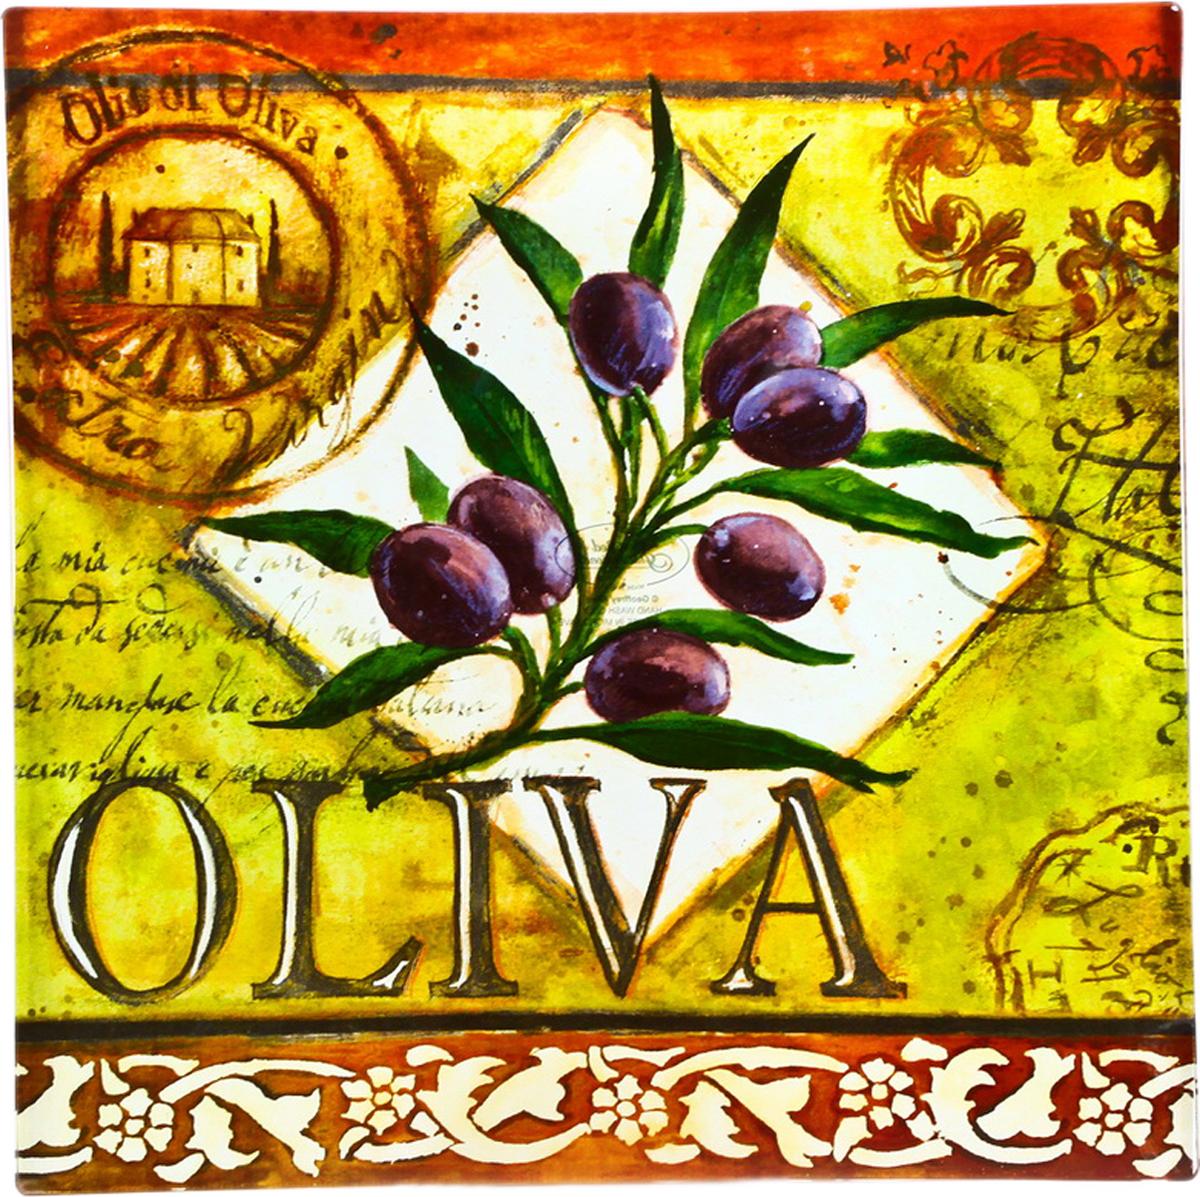 Блюдо Certified International Oliva, 35 см х 35 см40298Изящное квадратное блюдо Certified International Oliva выполнено из прочного стекла иоформлено изображением ветки оливы. Блюдо прекрасно подойдет для сервировки различныхблюд.Такое блюдо прекрасно оформит праздничный стол и станет желанным подарком для любойхозяйки.Размер: 35 см х 35 см х 2 см.